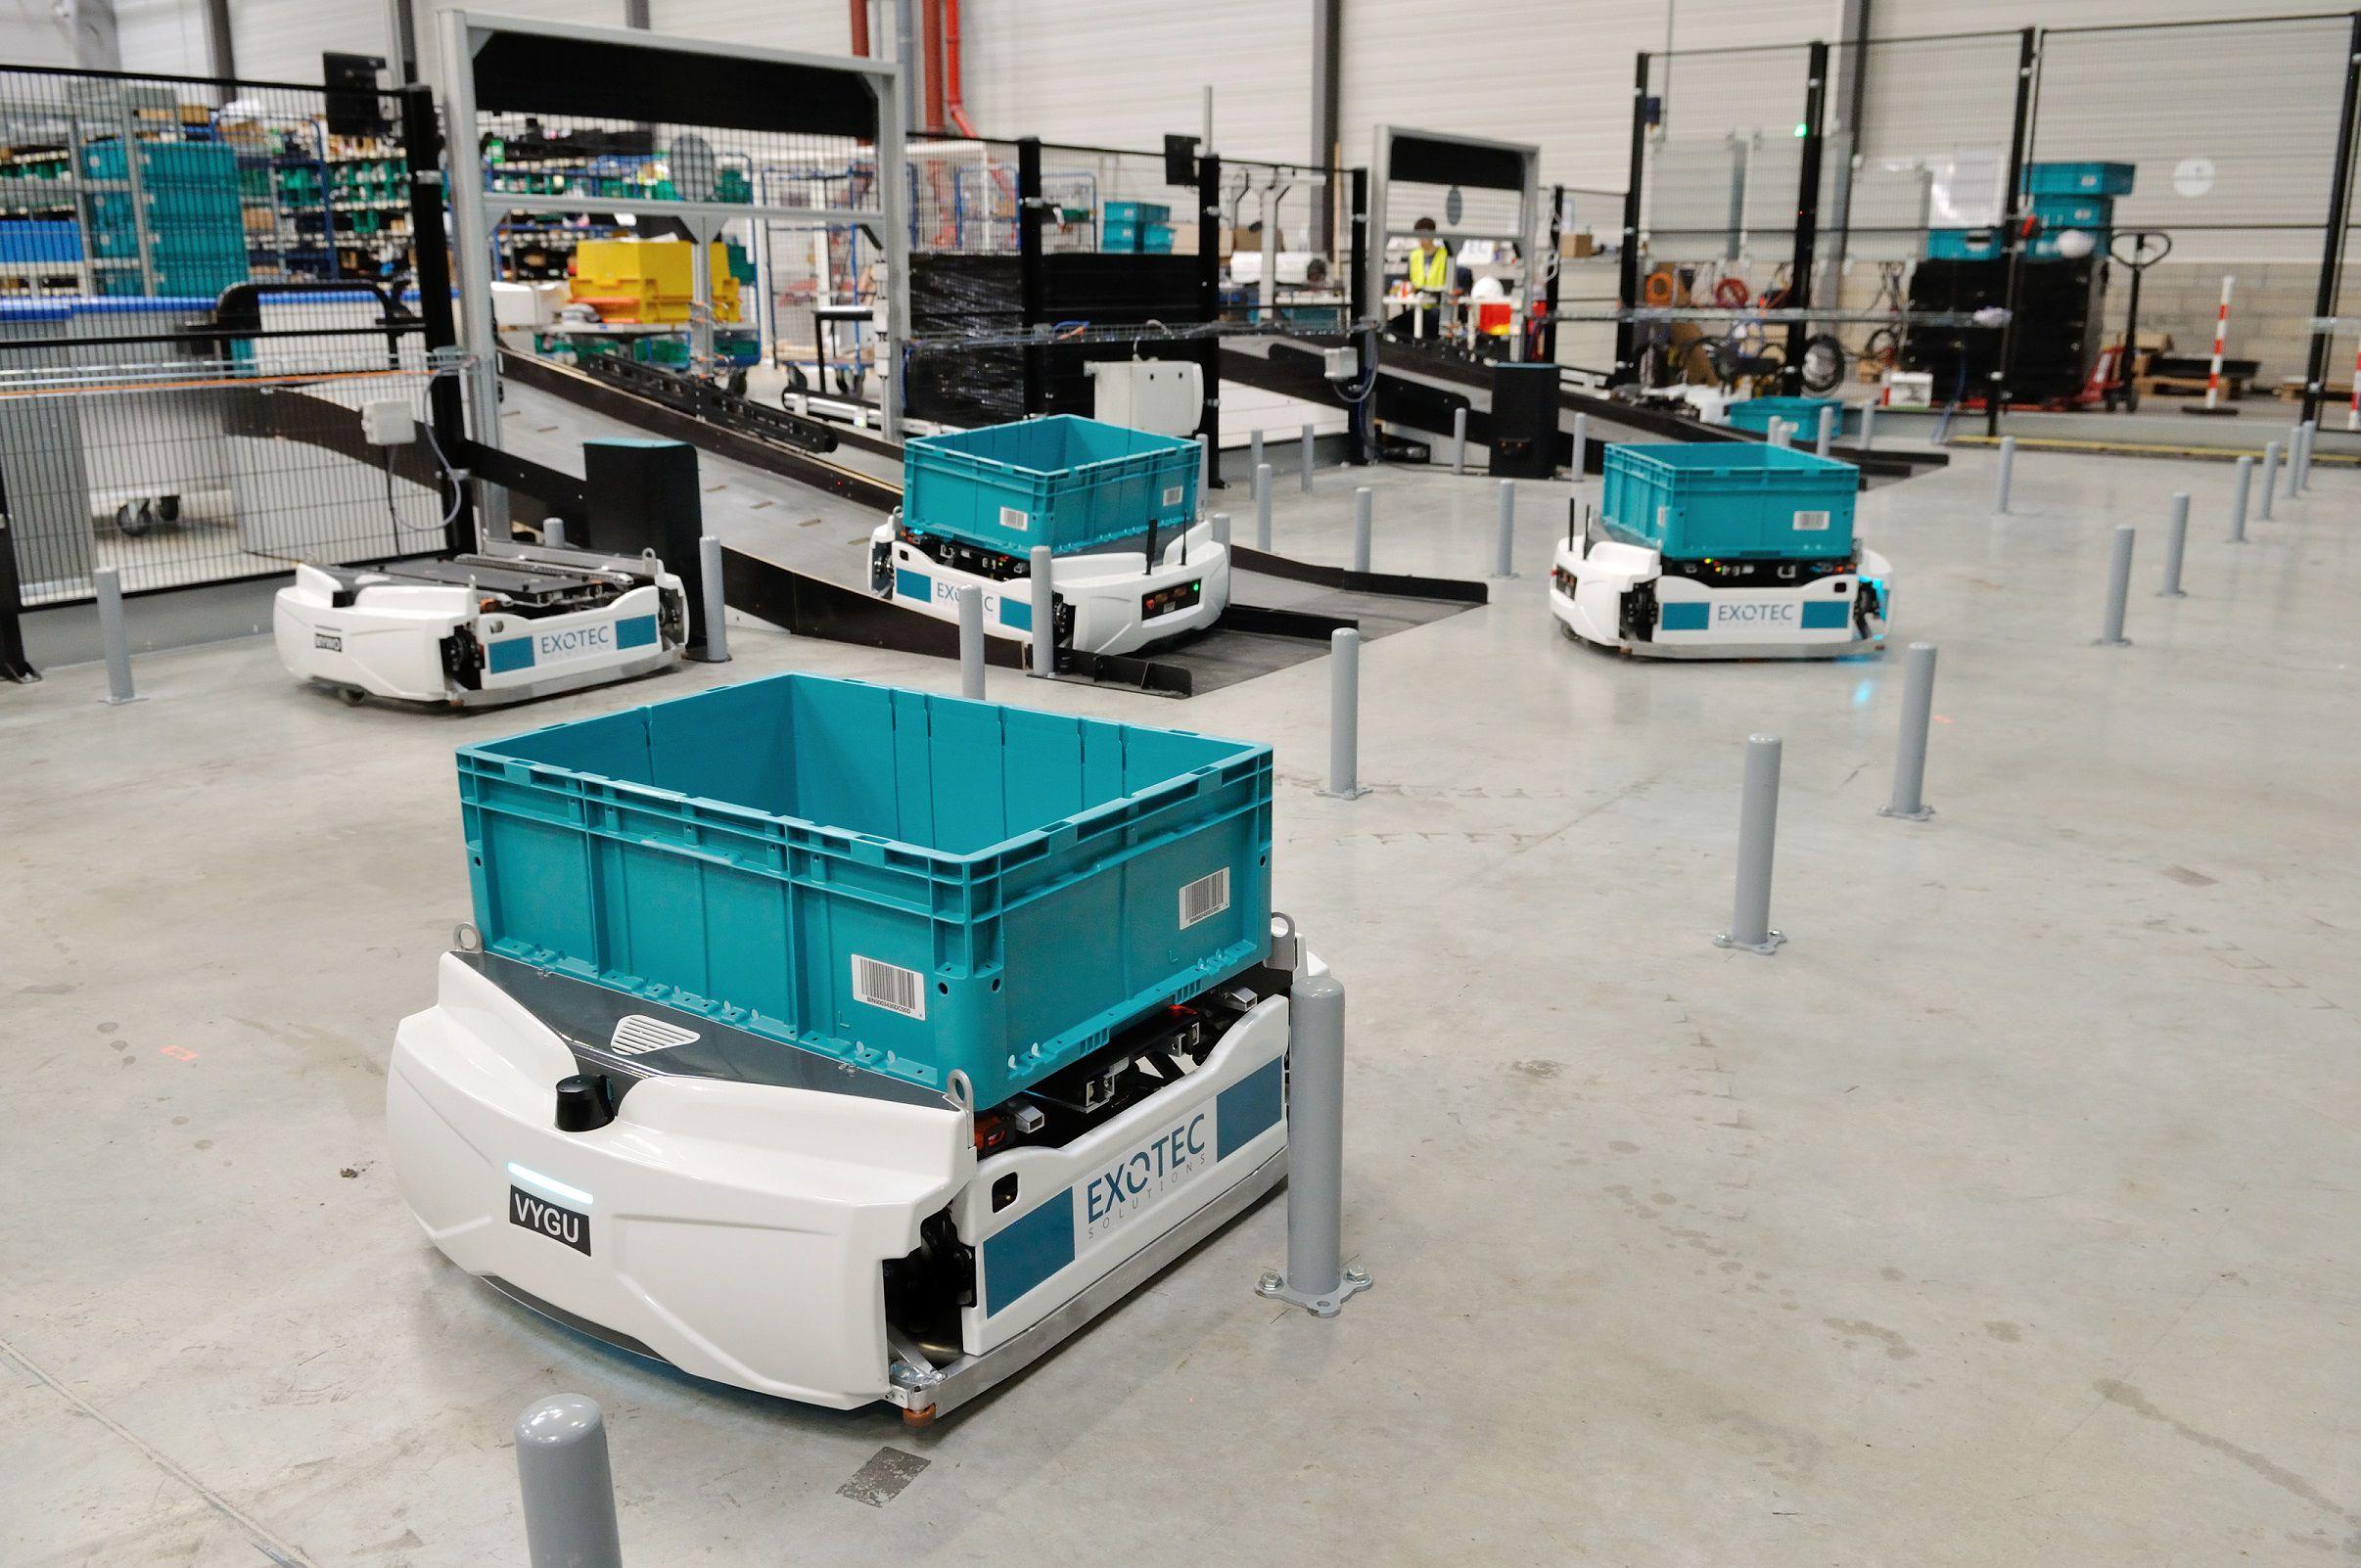 Des robots préparateurs de commandes Skypod dévelopés par Exotec